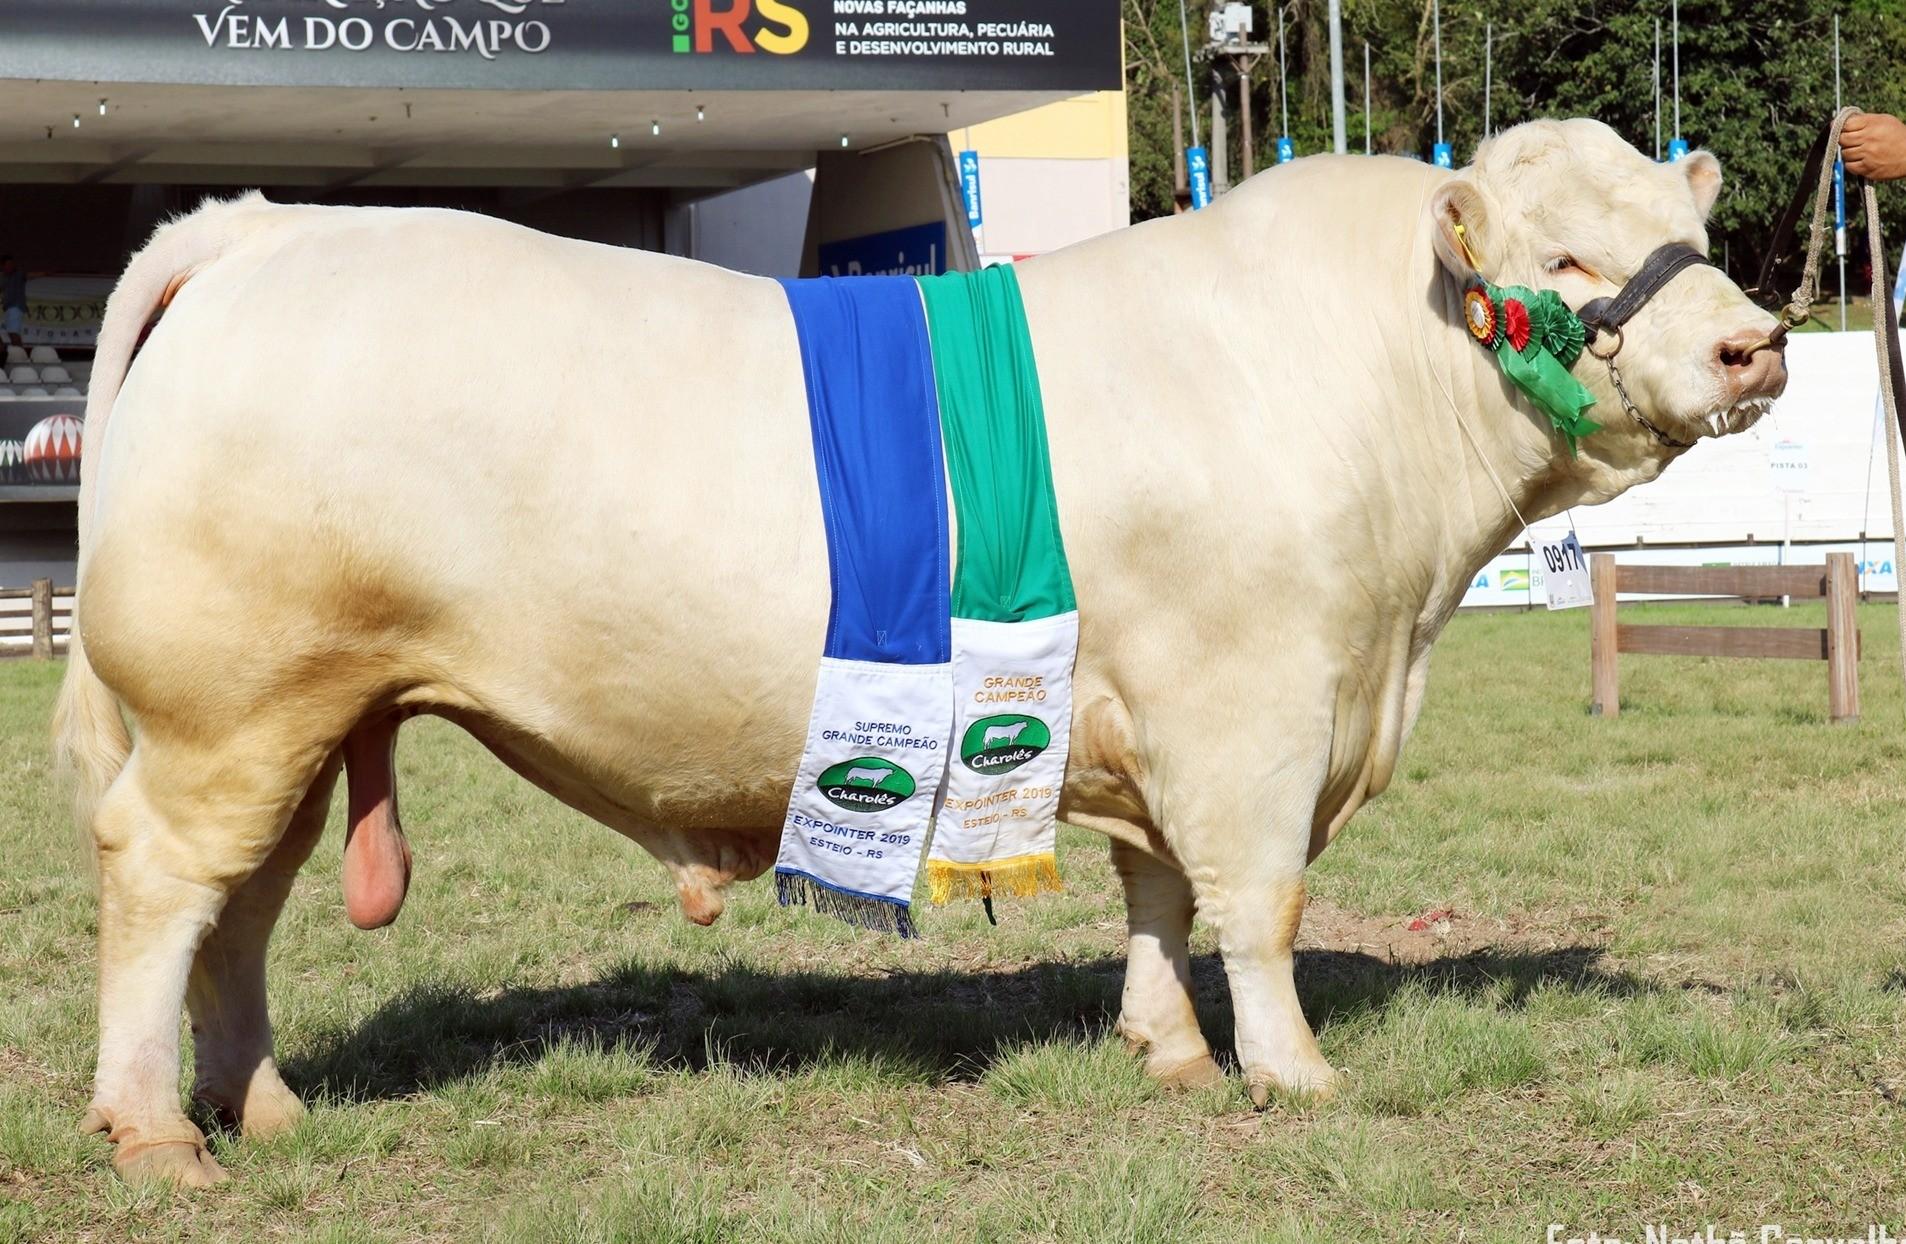 """Foto da notícia """"Tarumã JHBD 1460 BR #"""" é escolhido o campeão da América do Sul da raça Charolês em 2019"""